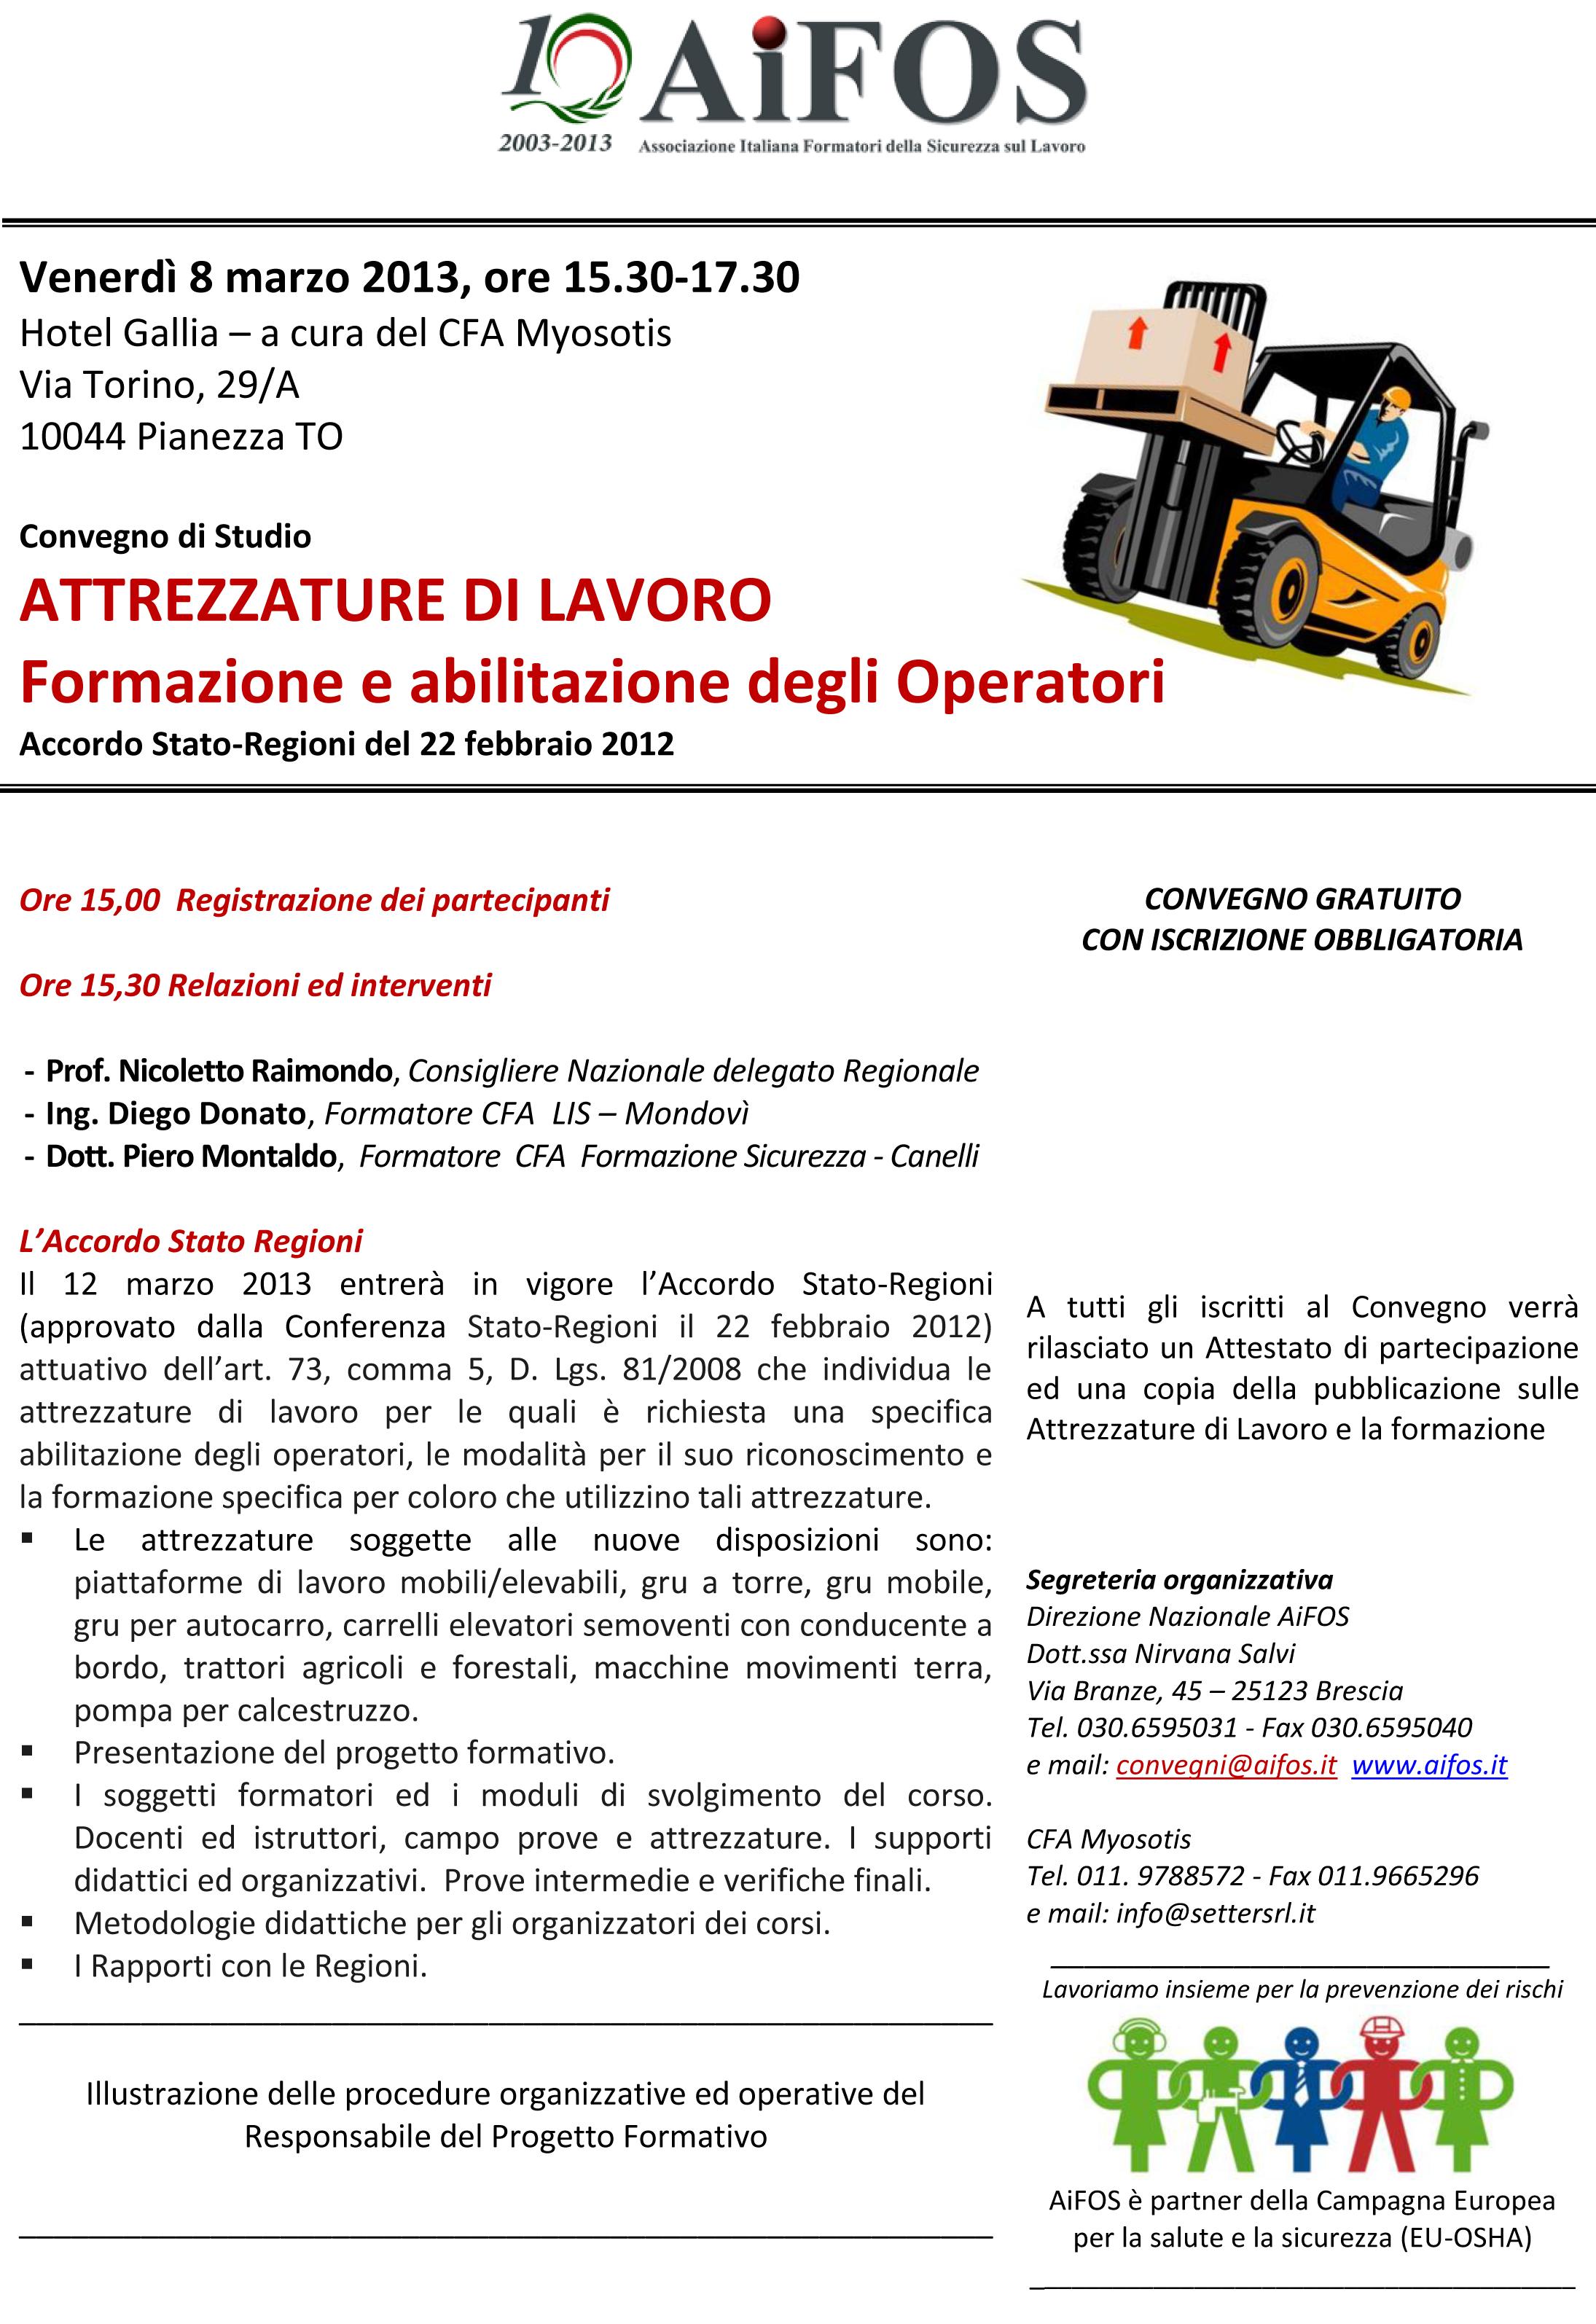 05_2013-ATTREZZATURE-DI-LAVORO